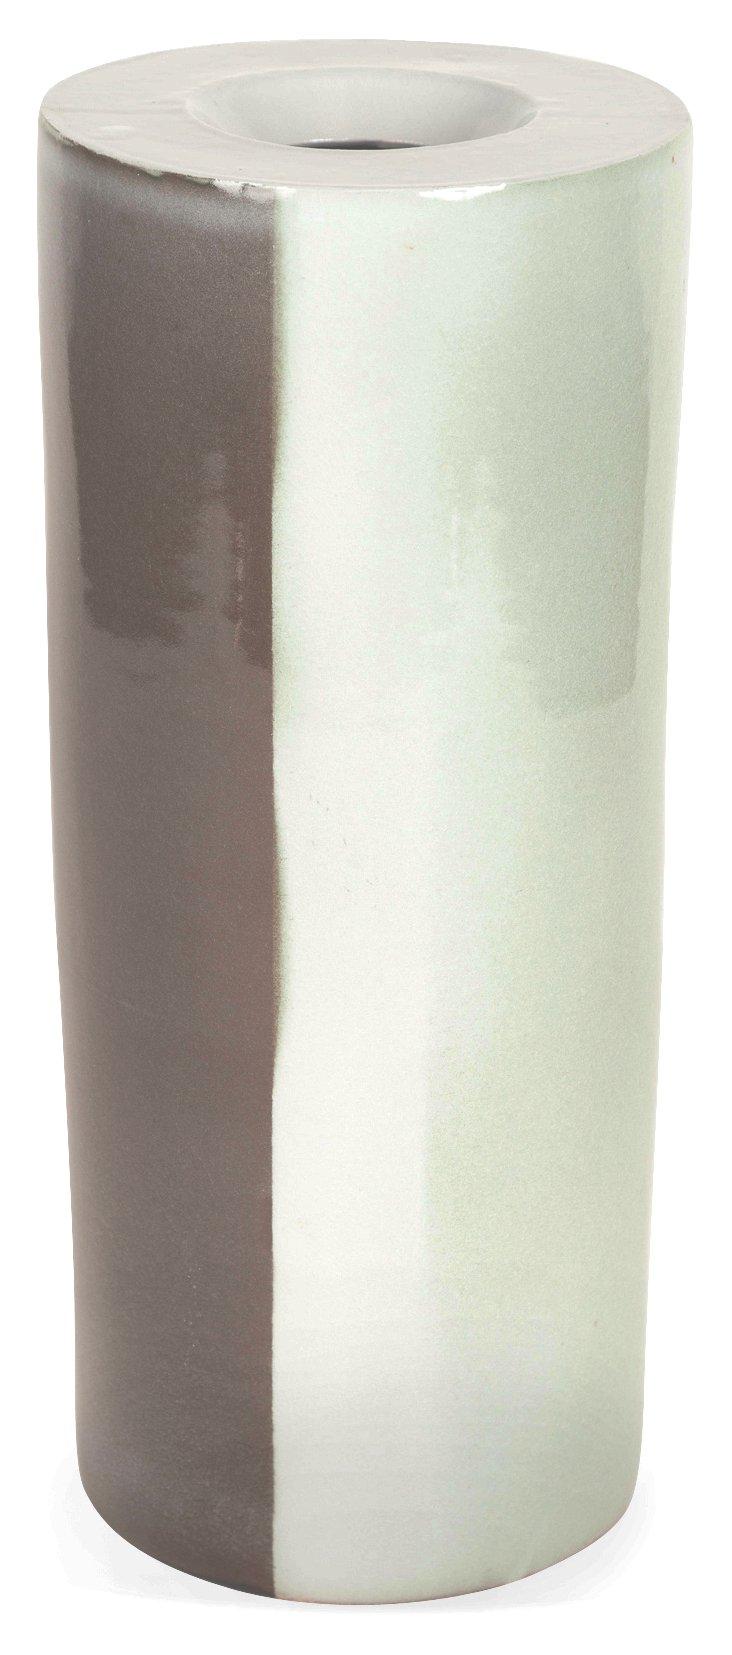 Gradient Glaze Studio Ceramic Vase